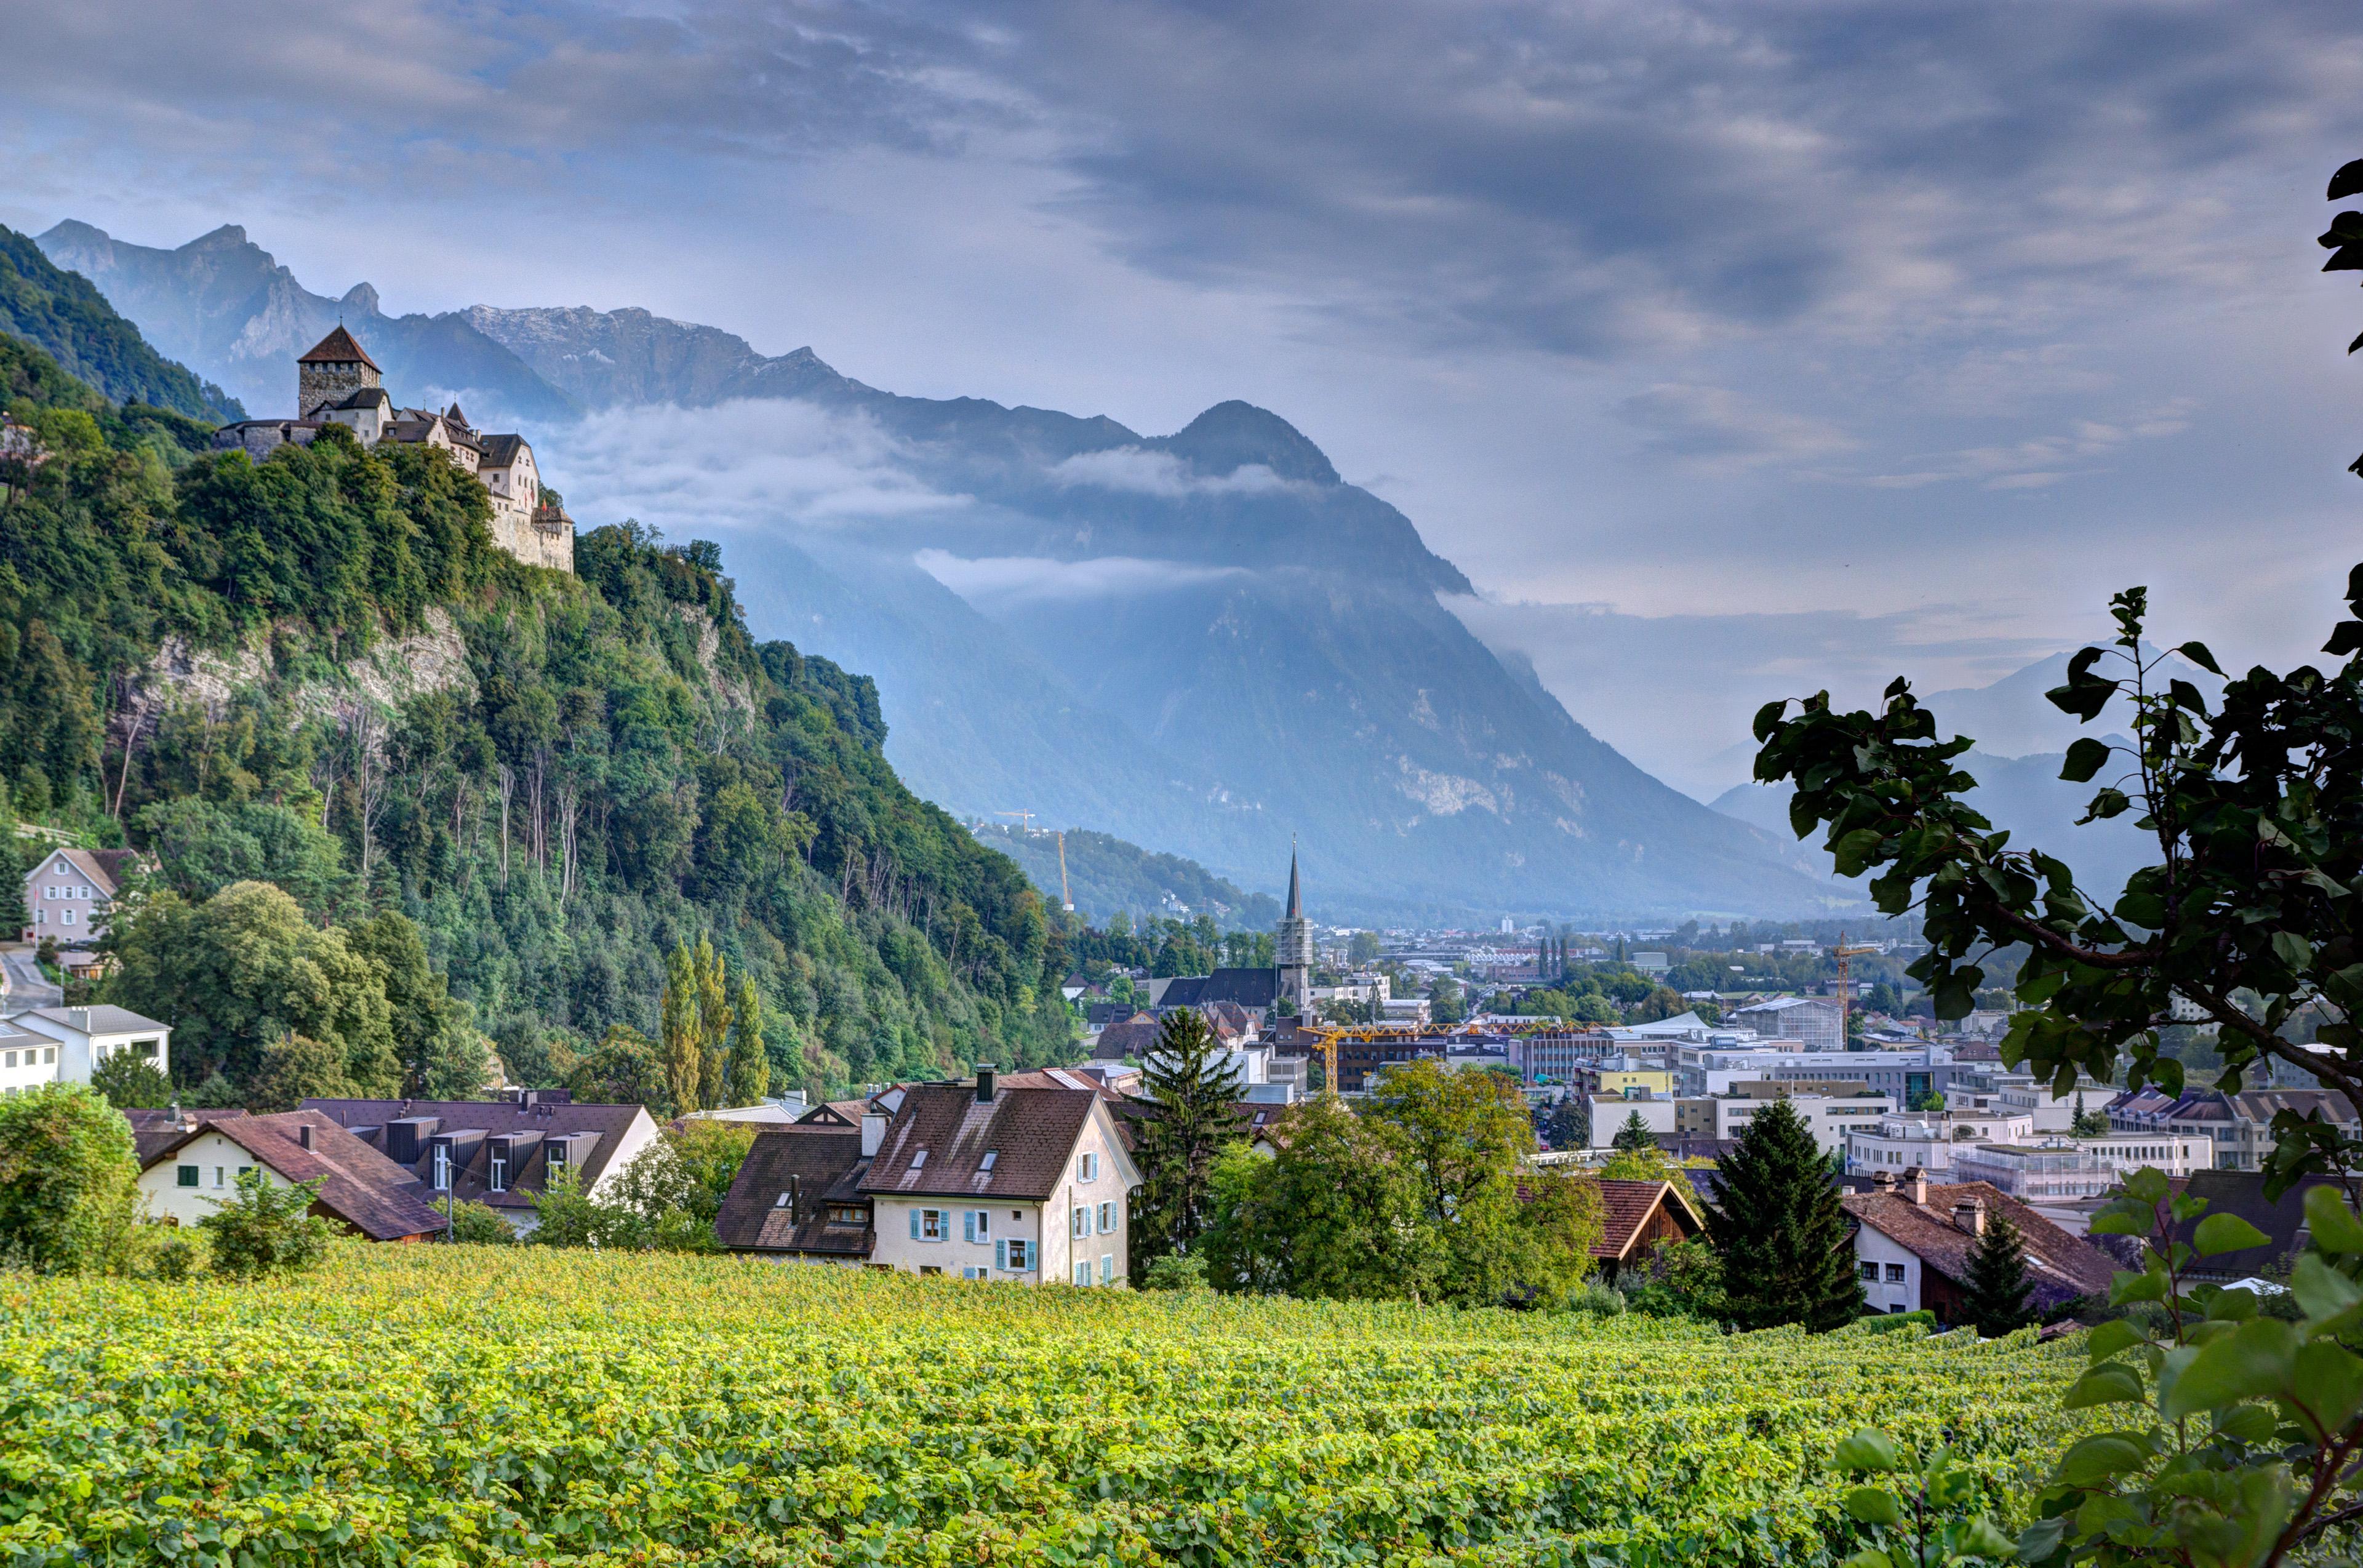 зависимости горы в лихтенштейн фото чашка незаменимый